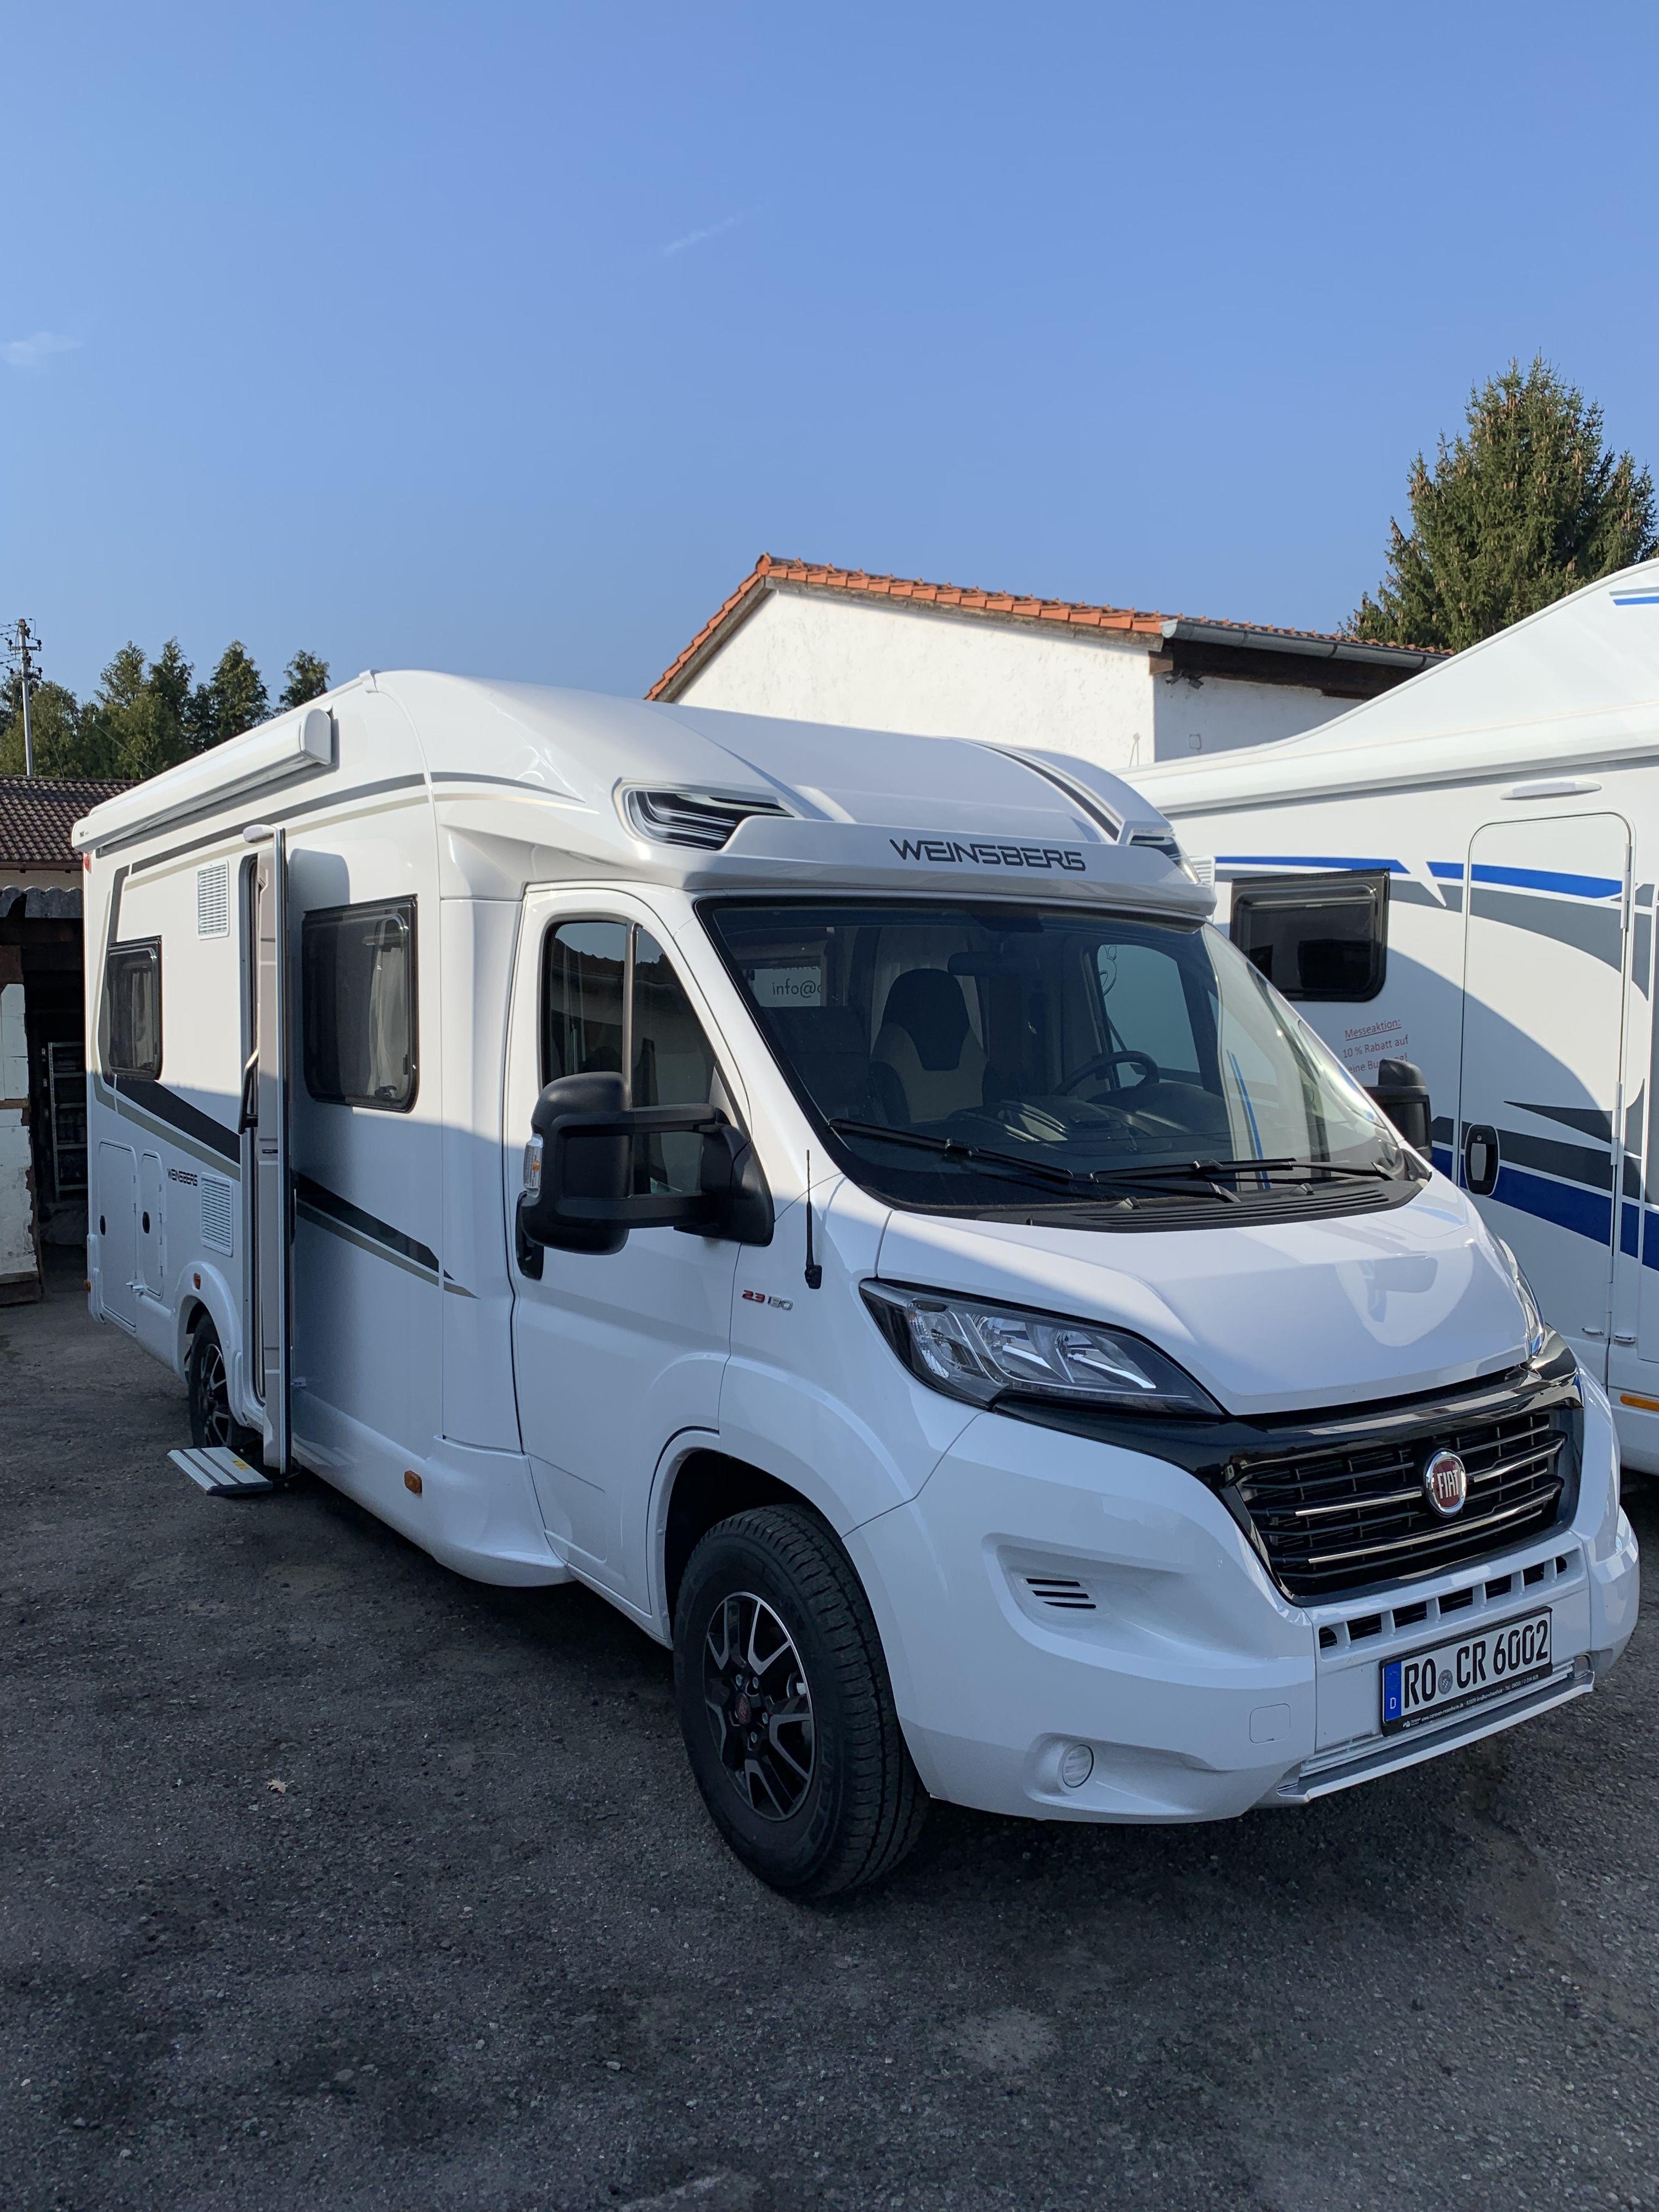 Weinsberg CaraSuite  Wohnwagen mieten, Wohnmobil, Caravan